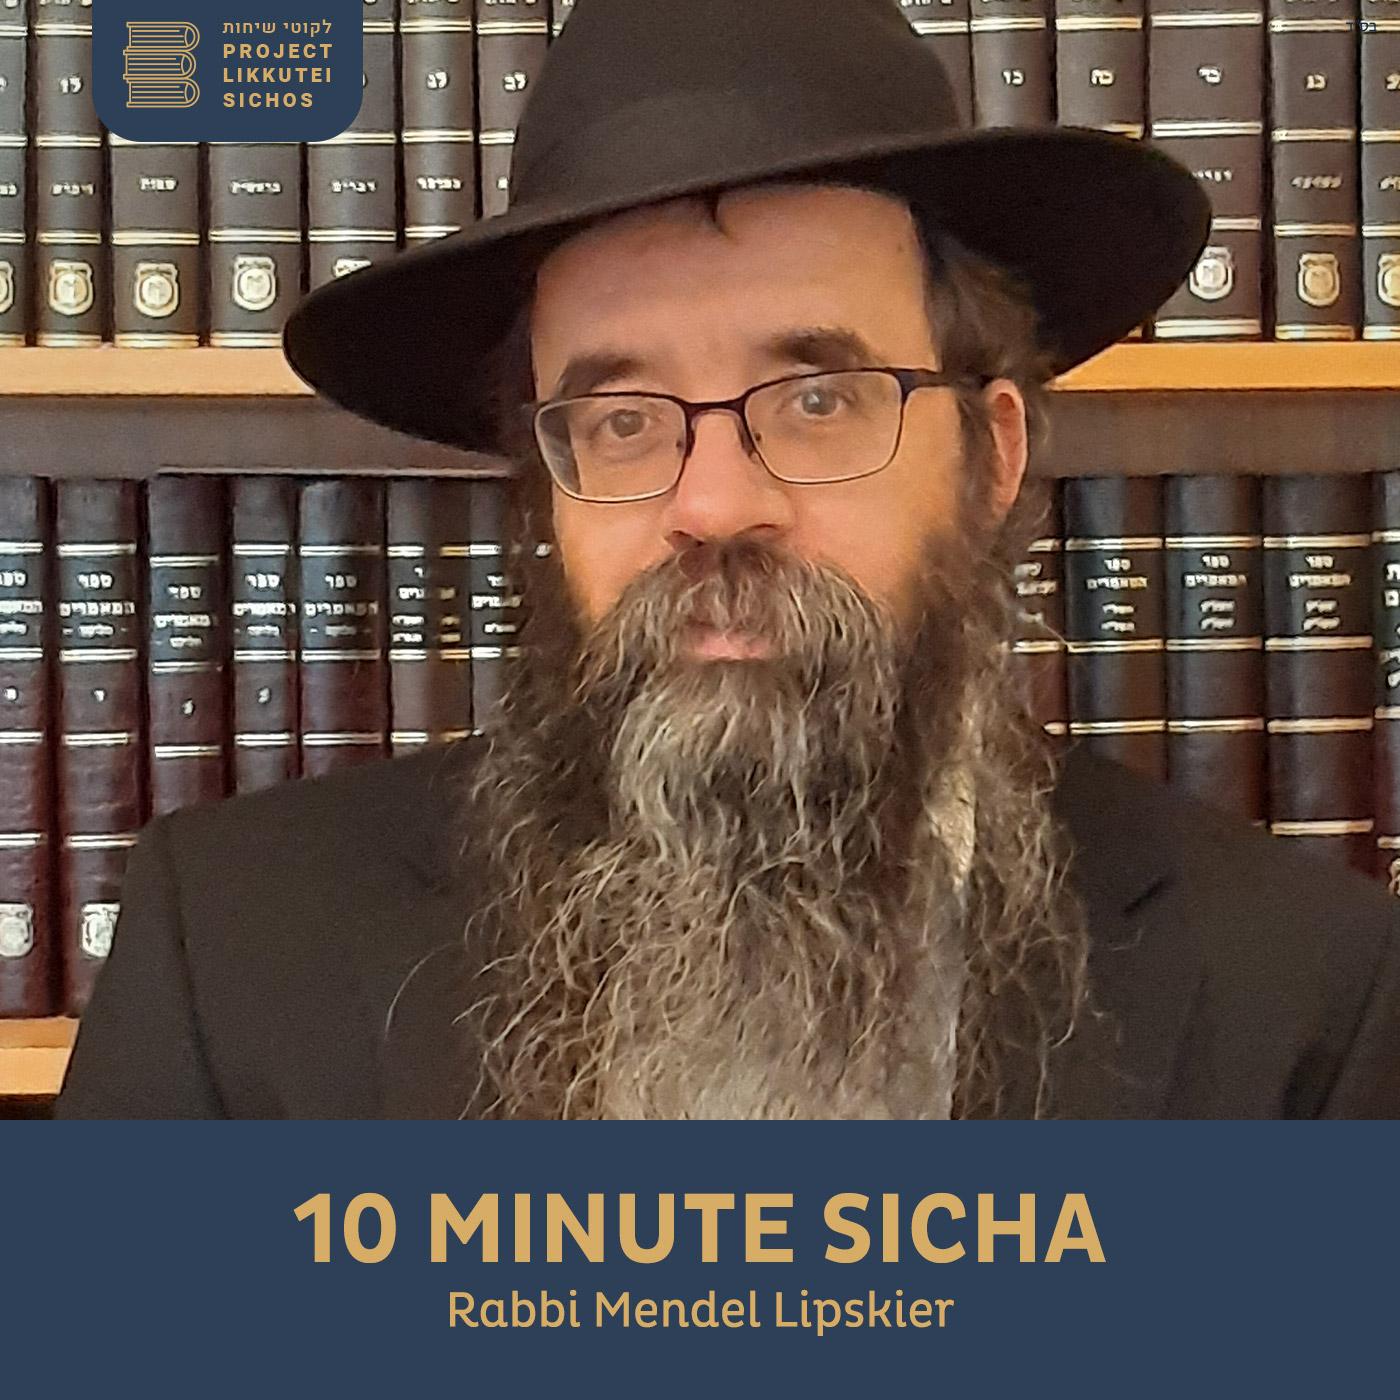 Artwork for podcast 10 Minute Sicha, Rabbi Mendel Lipskier